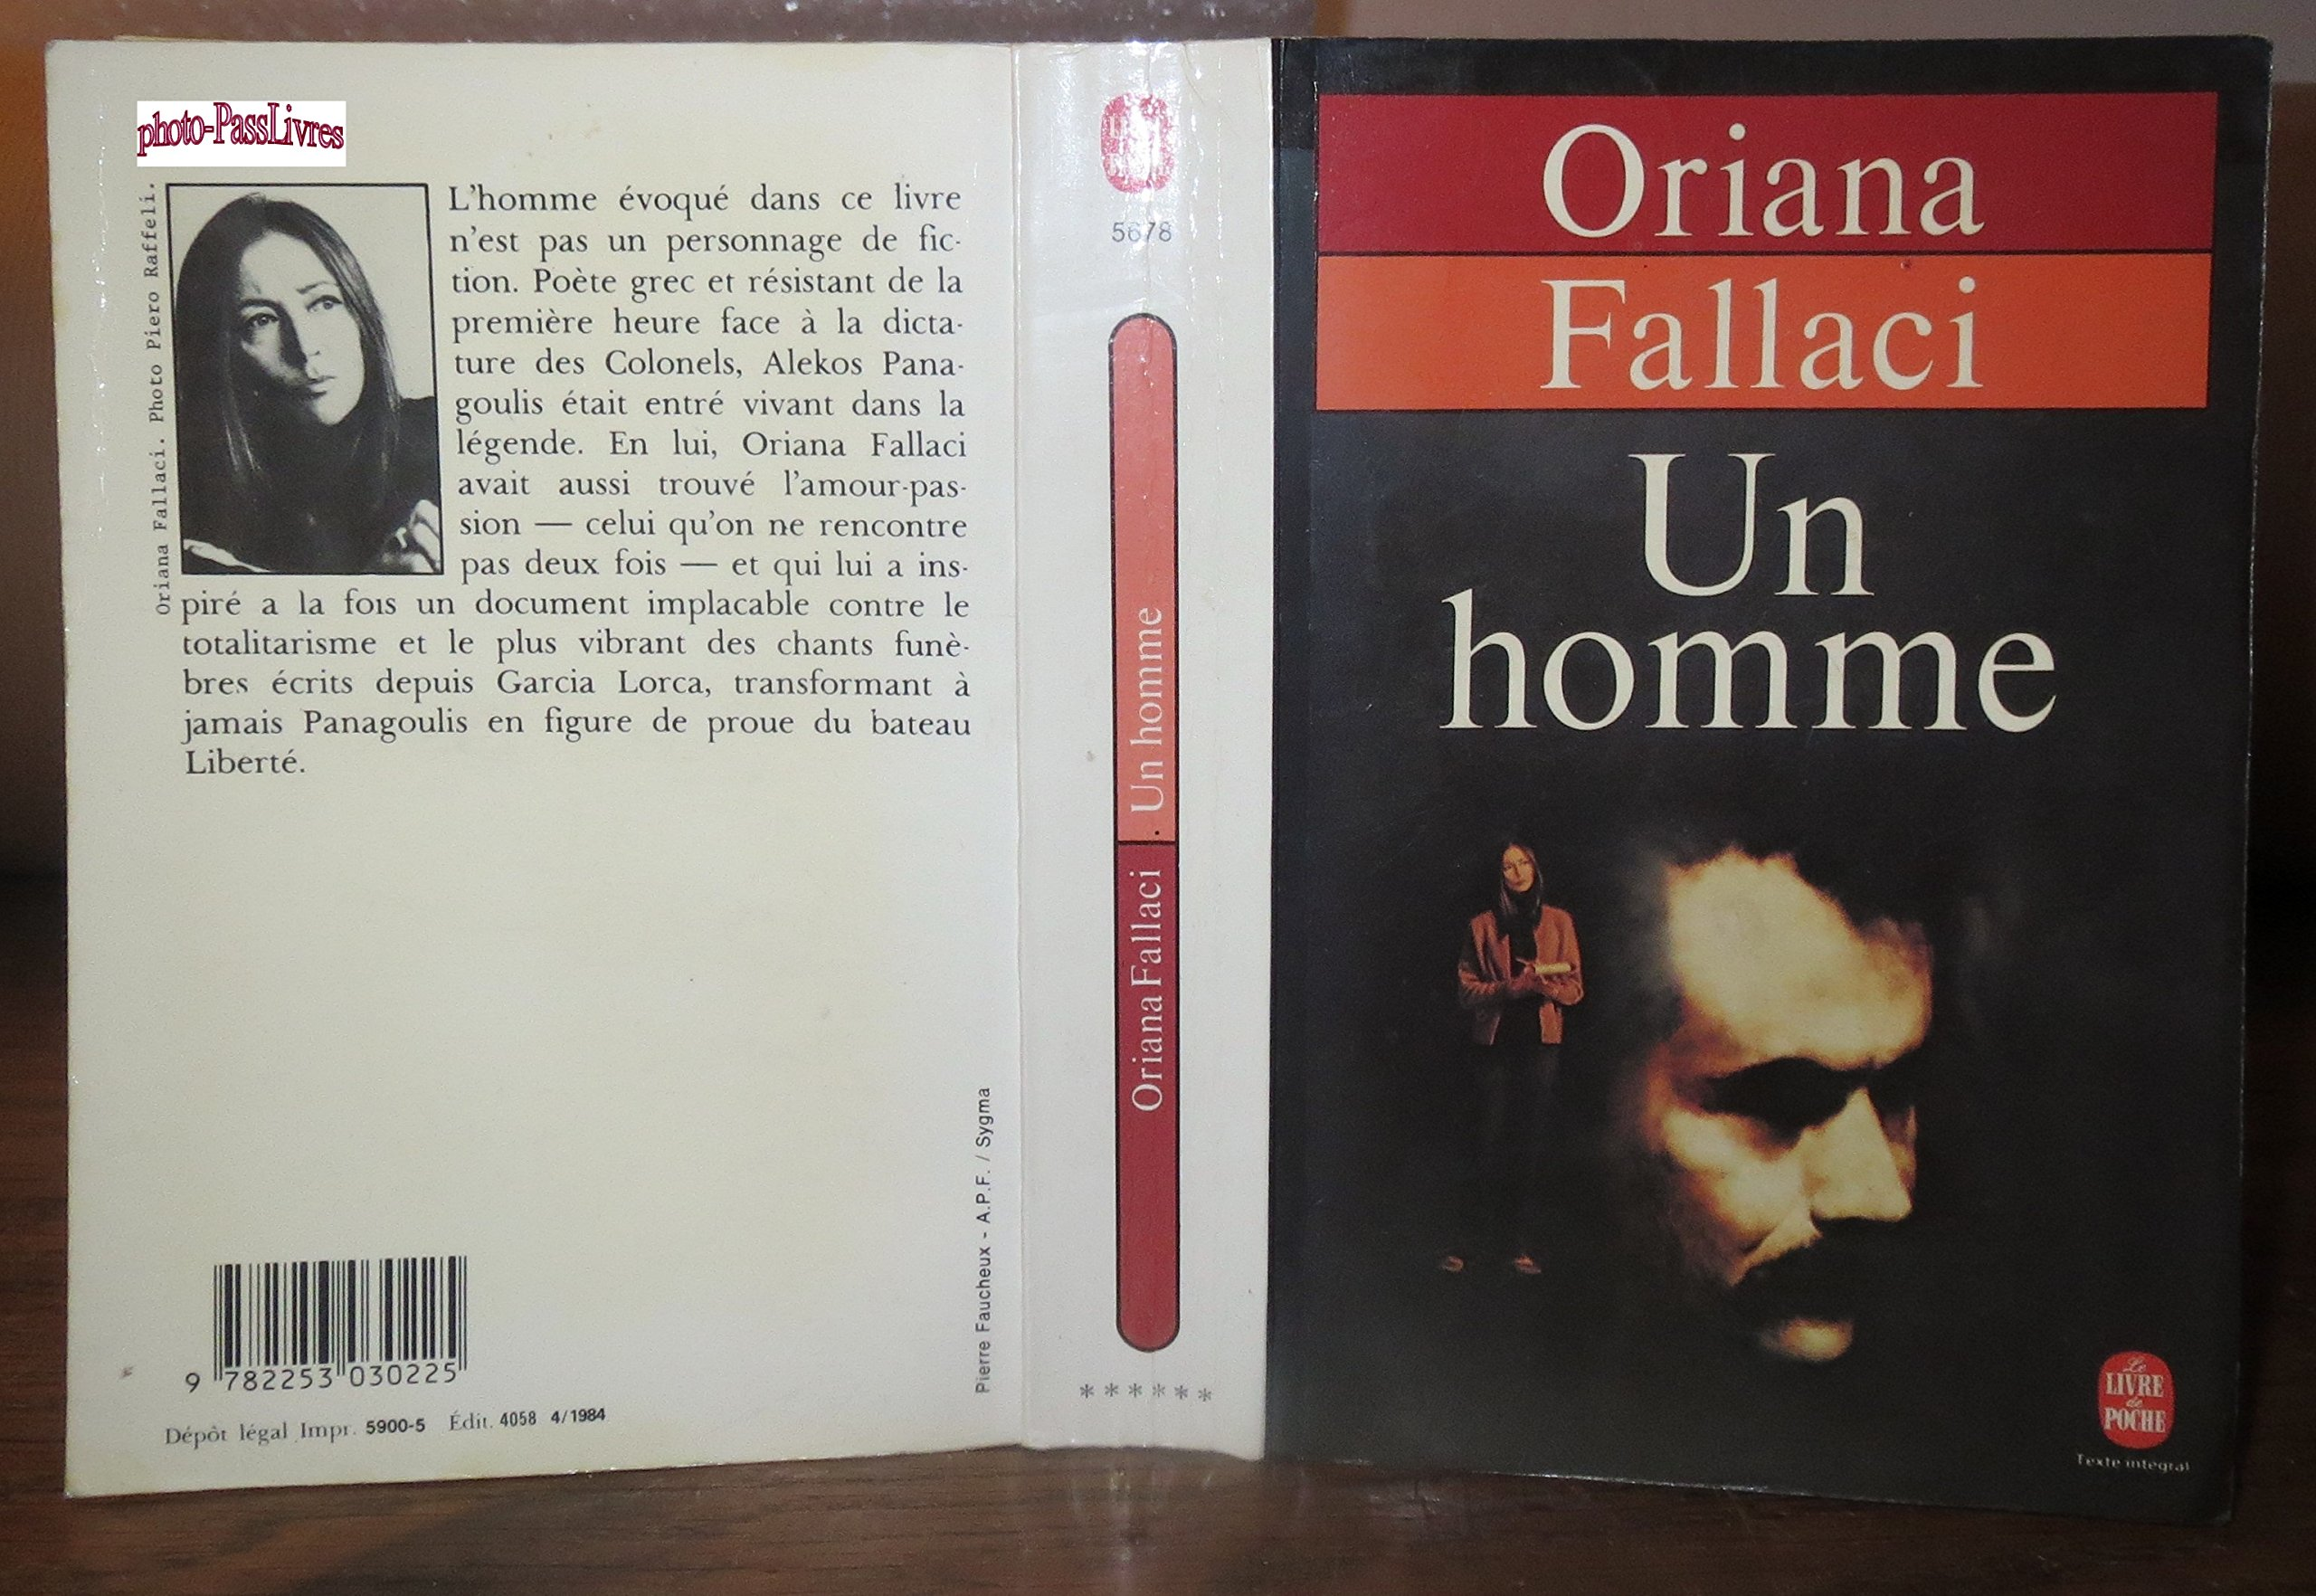 Amazon.it: Un homme - Oriana Fallaci - Libri in altre lingue